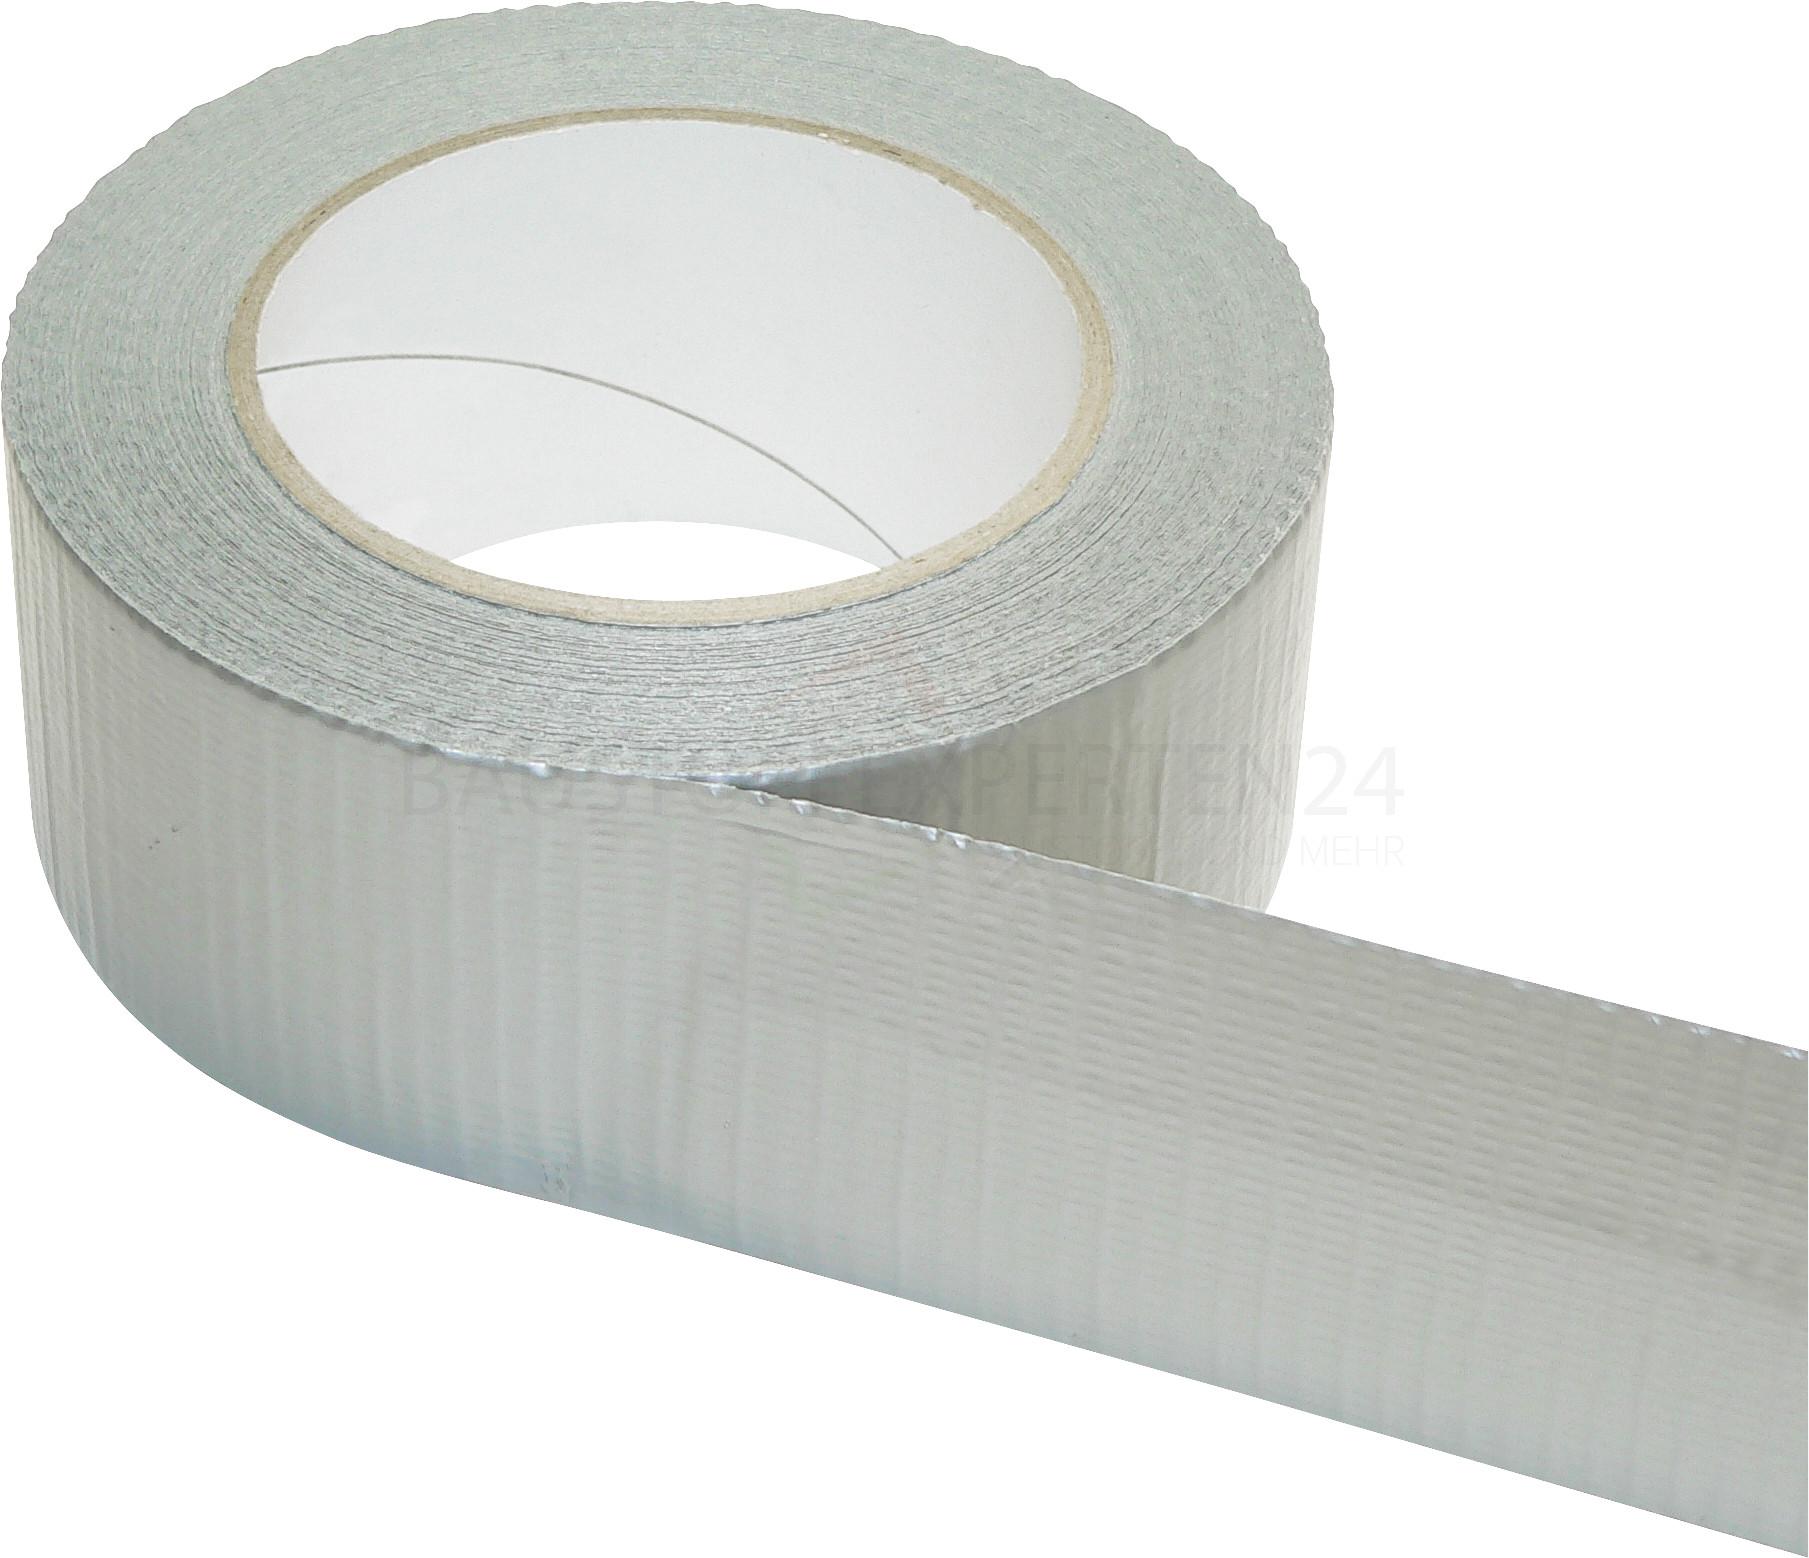 Gewebeklebeband, silber, 50mm x 50m